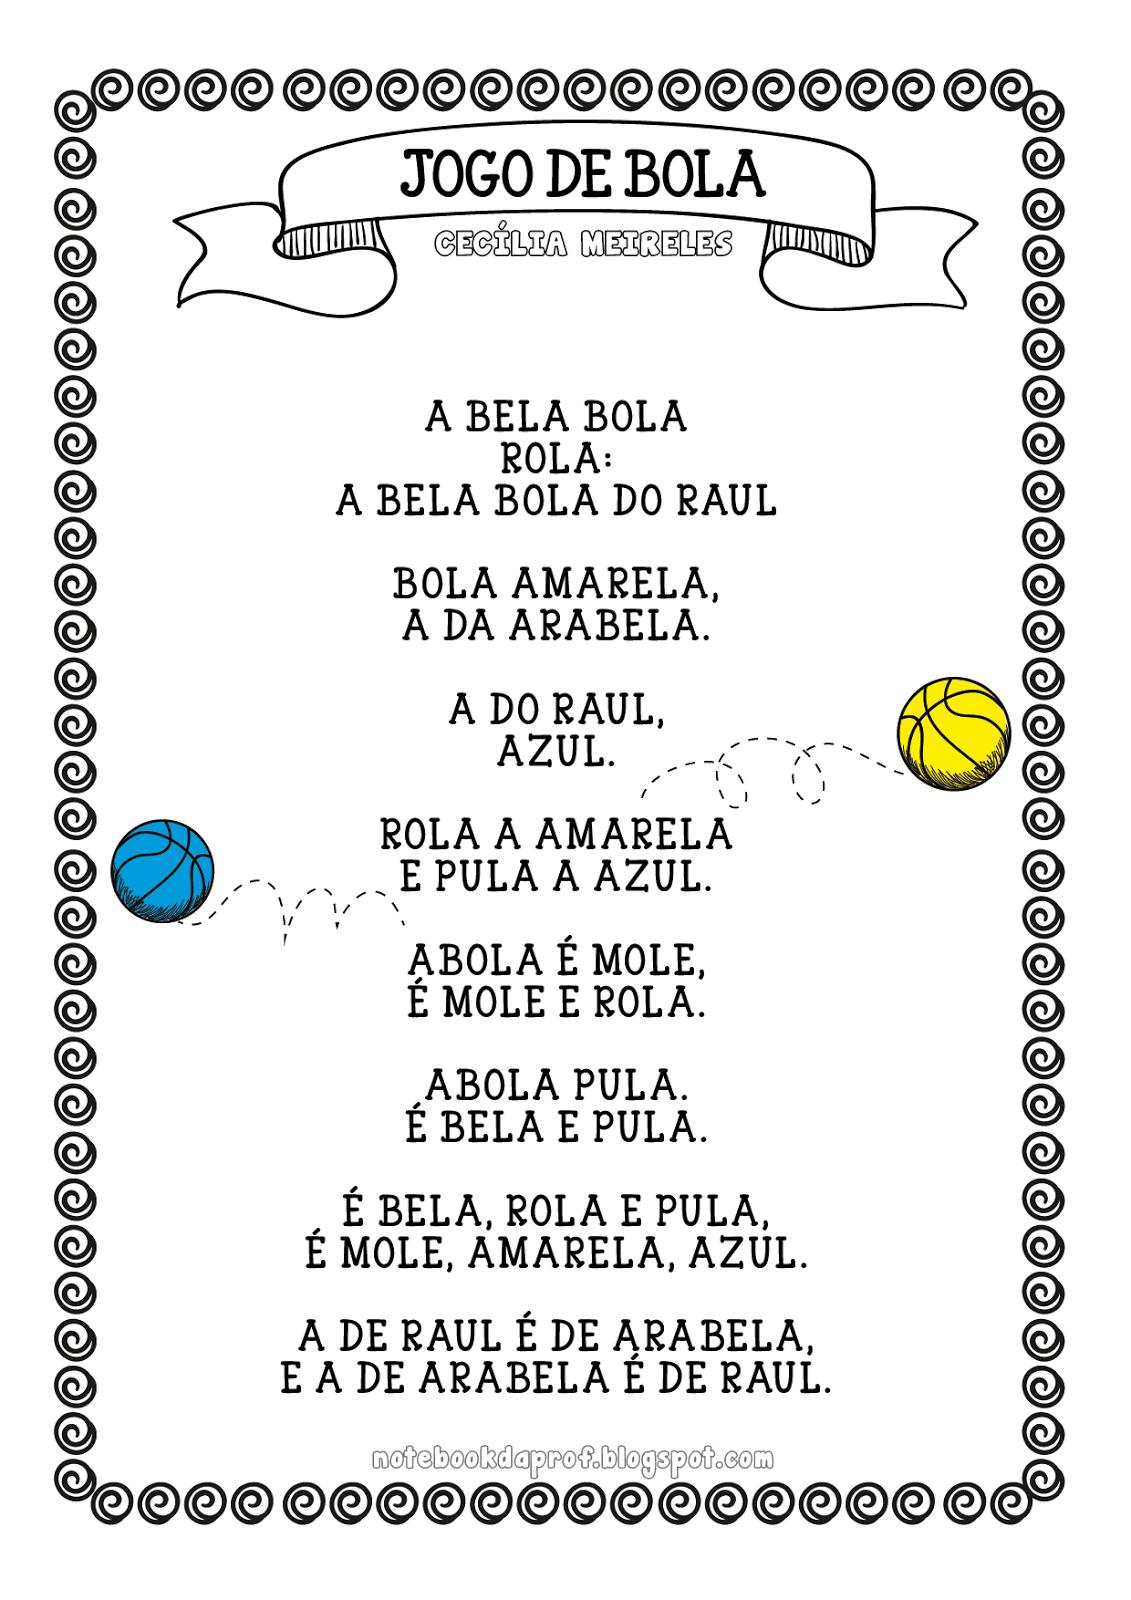 Populares Atividades com Texto Jogo de Bola - Cecília Meireles — SÓ ESCOLA JV76